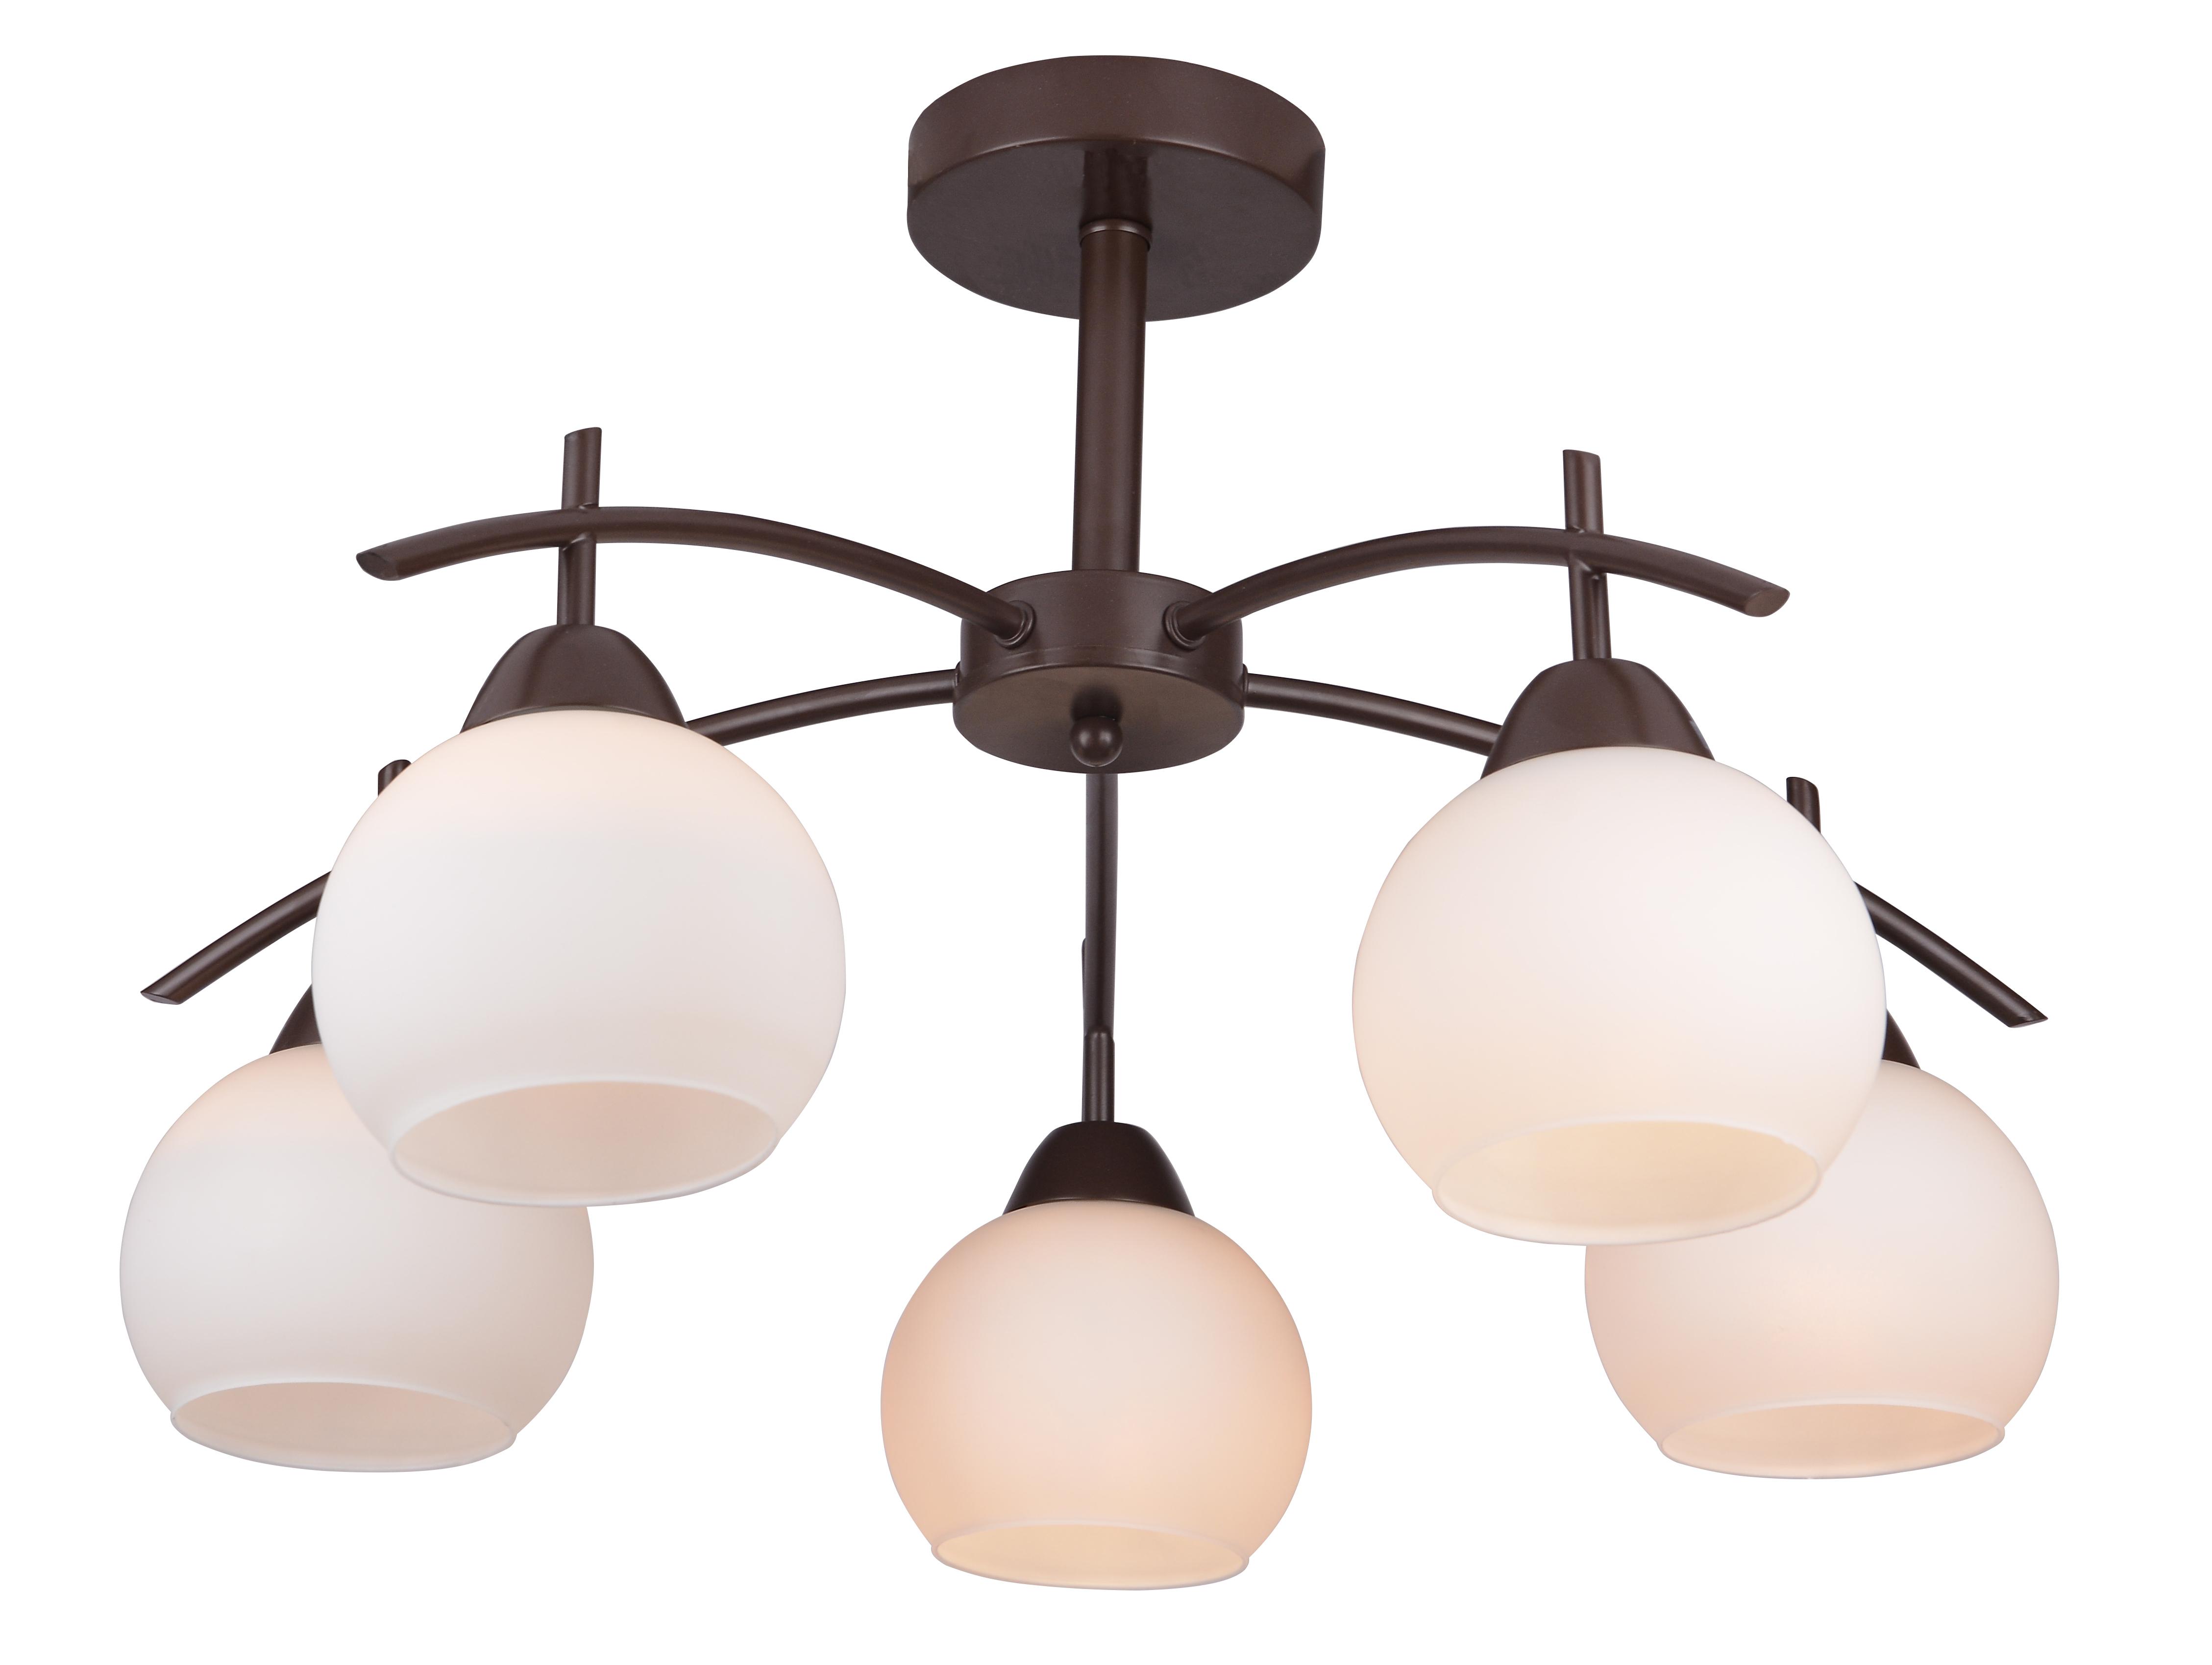 Потолочная люстра Toplight Molly TL3770X-05DB, 5xE27x40W, коричневый, белый, металл, стекло - фото 1